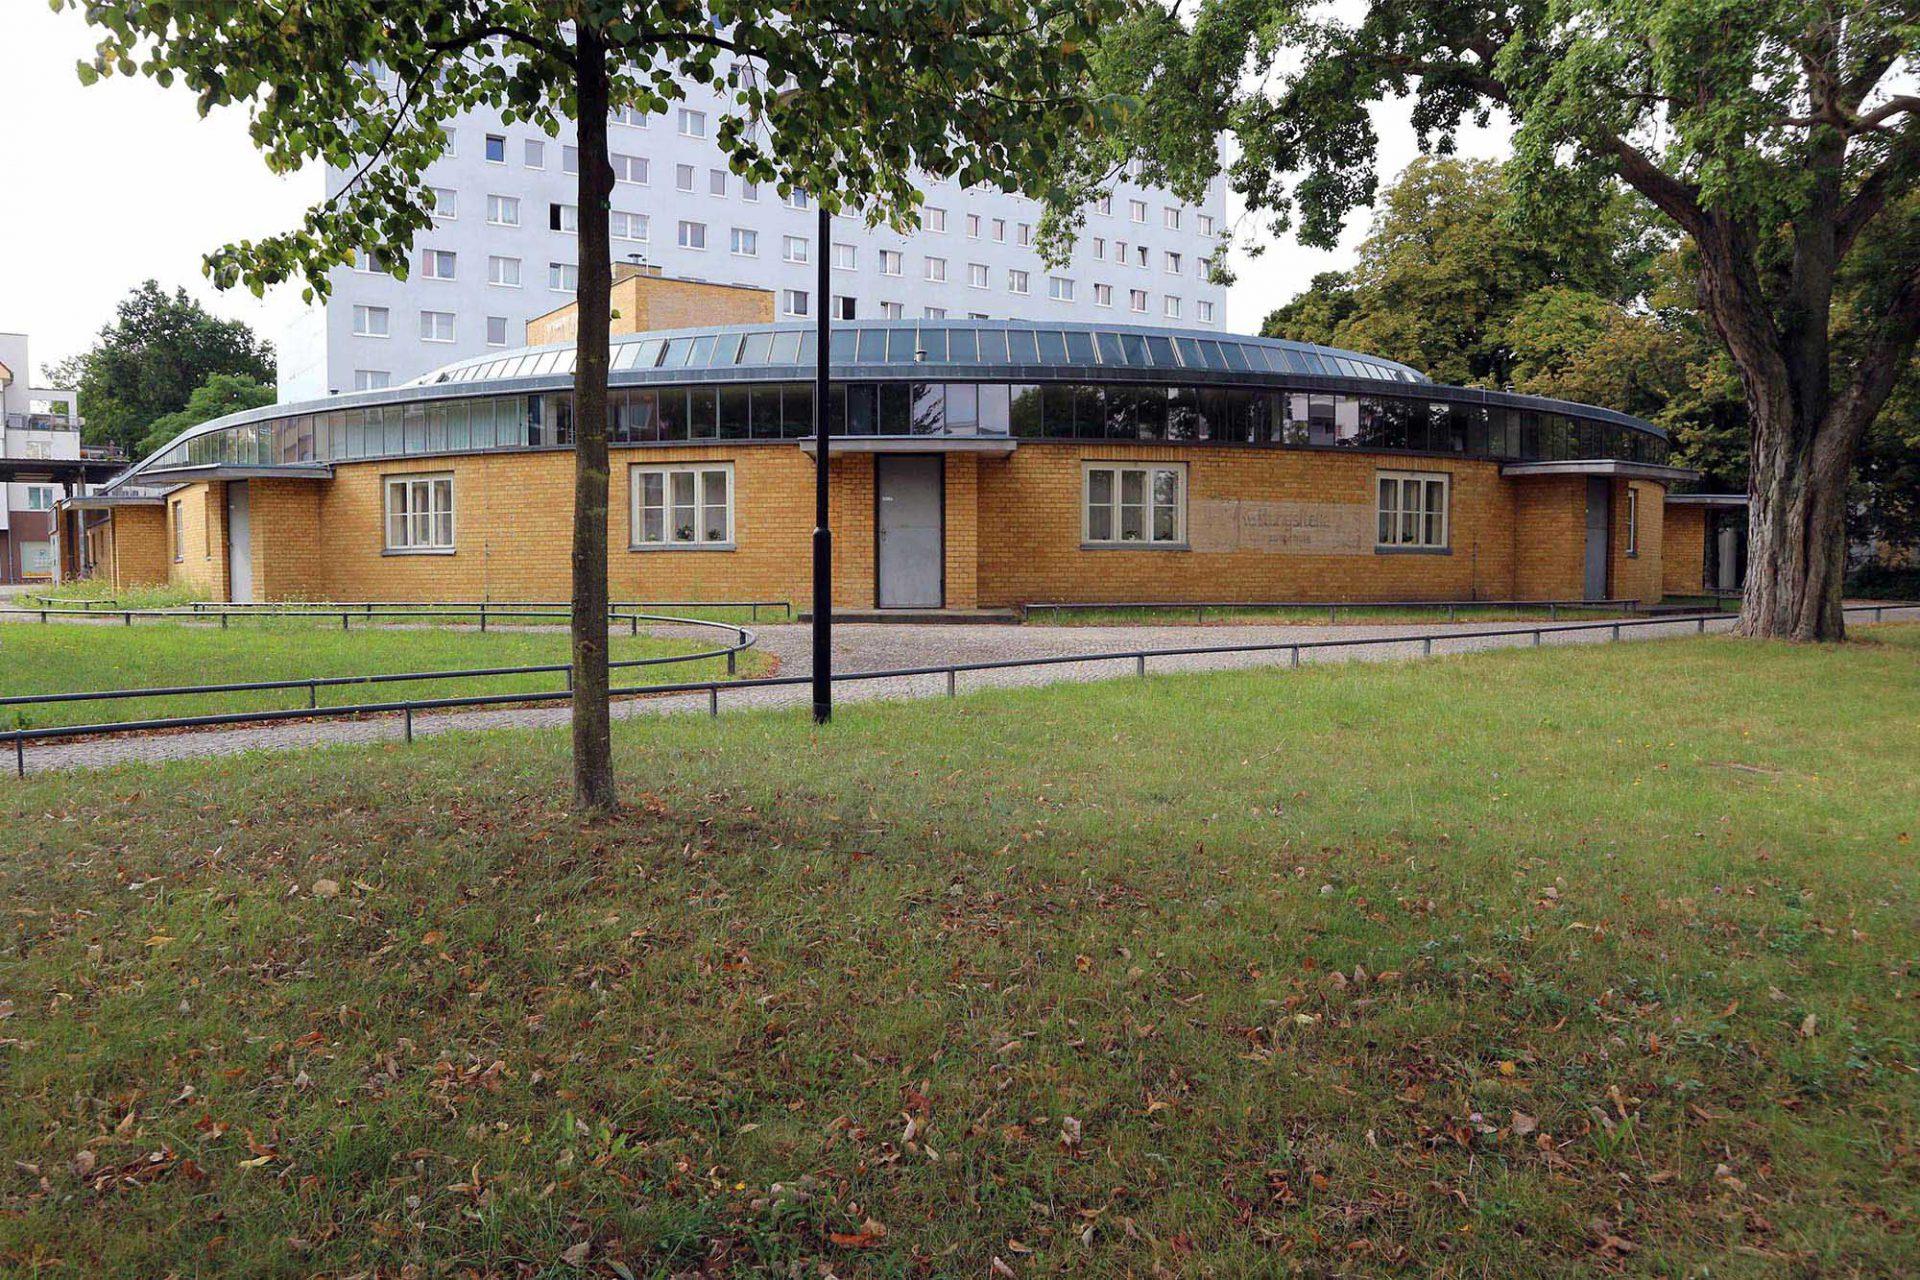 Arbeitsamt von Walter Gropius (1928–29).  Nach der Einführung der Arbeitslosenpflichtversicherung und ihrer Zusammenführung mit der Arbeitsvermittlung 1927 lud die Stadt Dessau Walter Gropius, Hugo Häring und Max Taut zu einem beschränkten Wettbewerb für den Bau eines Arbeitsamts ein. Den Auftrag erhielt Gropius Anfang 1928; im Mai 1929 wurde der Bau fertiggestellt.